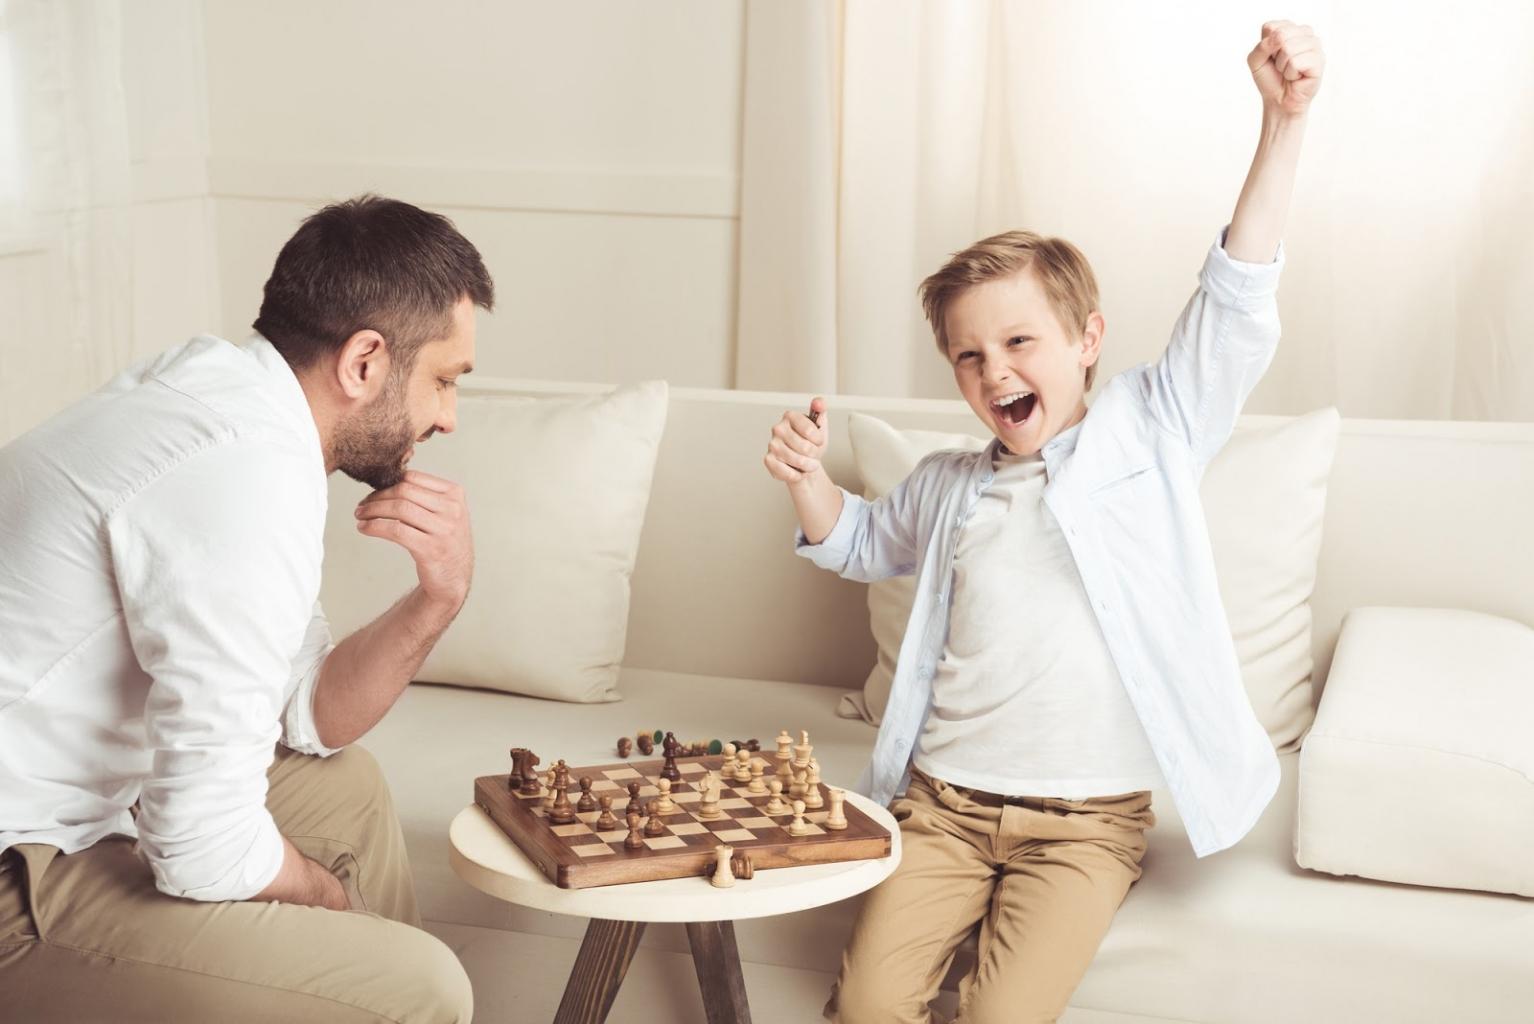 Durch das Lösen der Rätsel im Schach kannst du dein Gehirn trainieren.